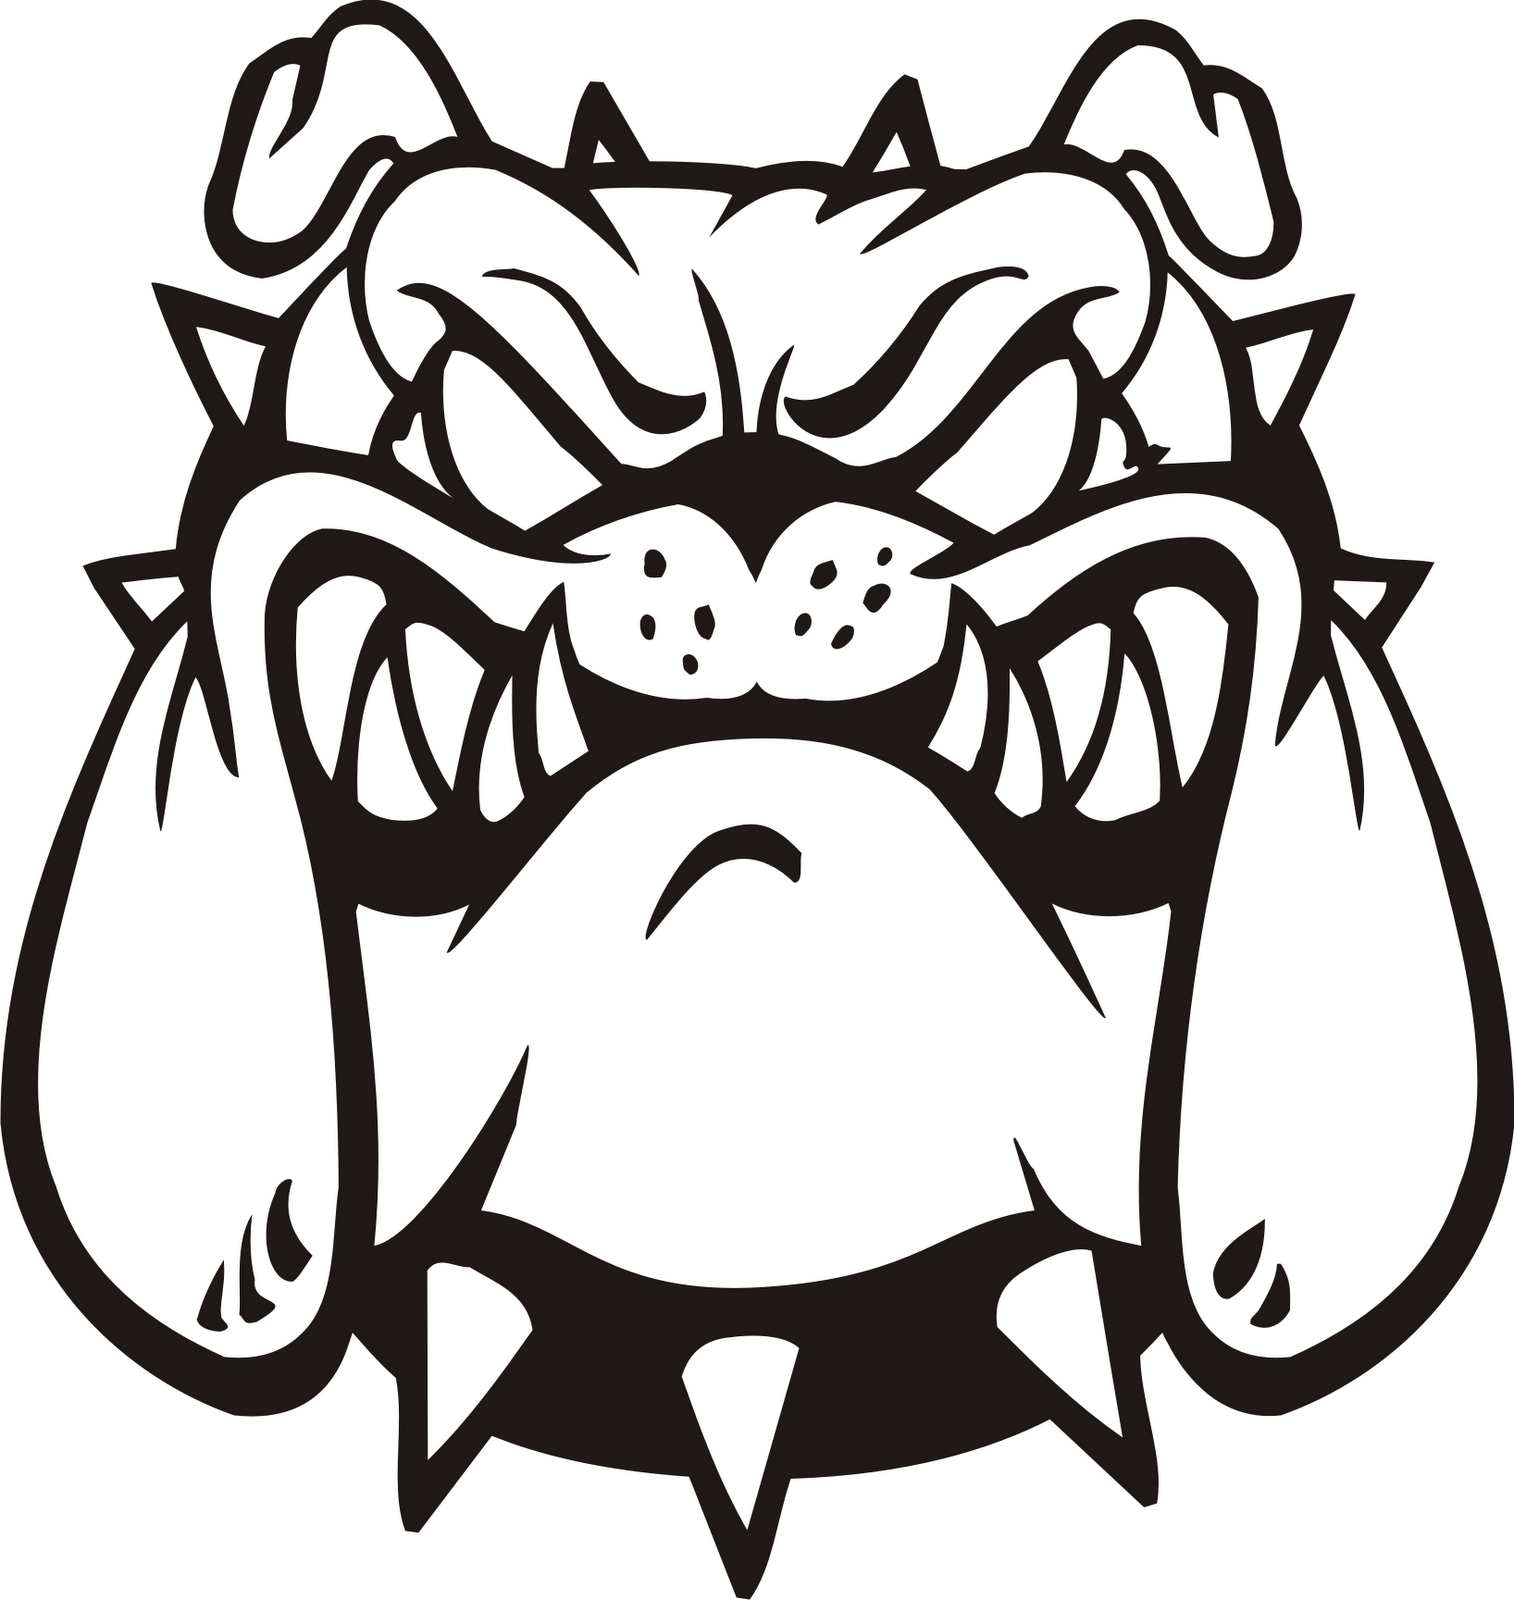 Bulldog Bull Dog Clip Art Clipart Image -Bulldog bull dog clip art clipart image 6-5